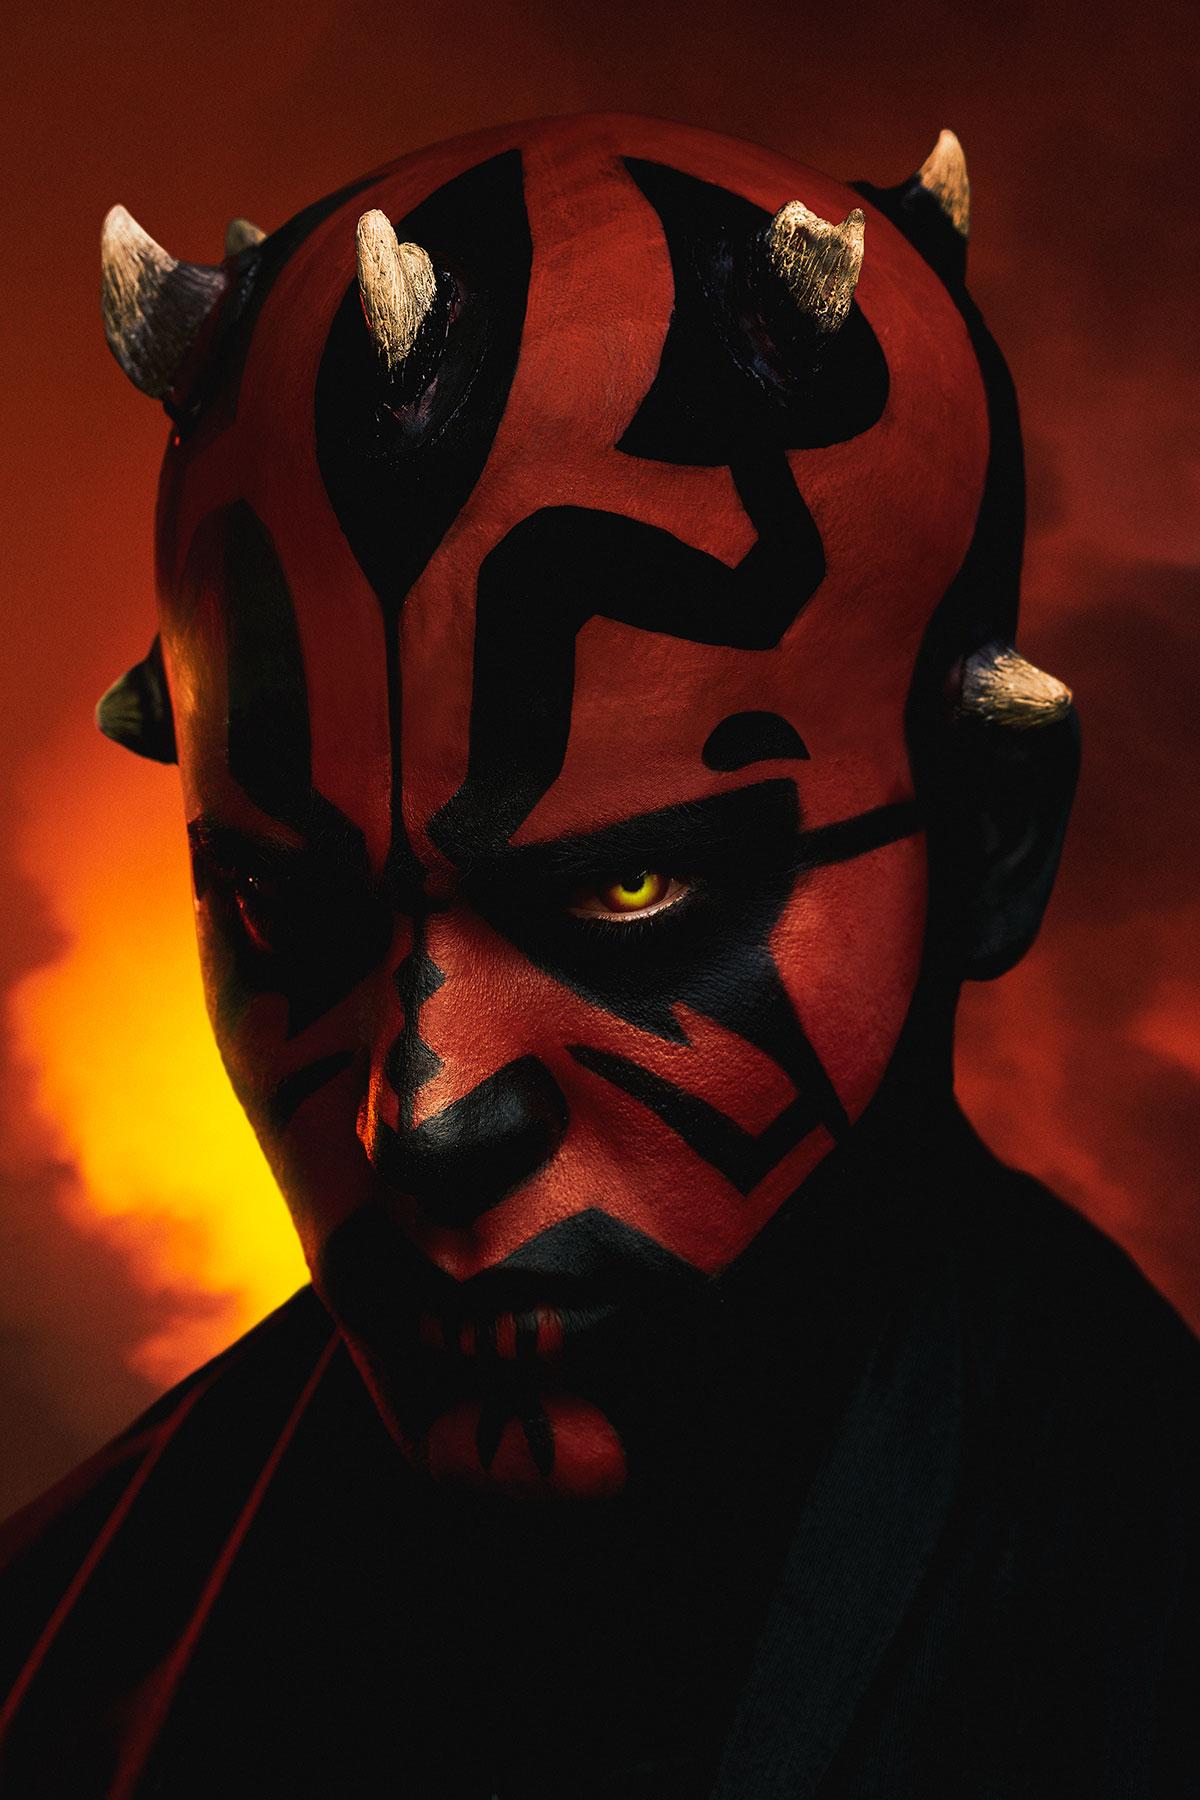 Arthur Sayanoff Darth Maul Star Wars 08 09